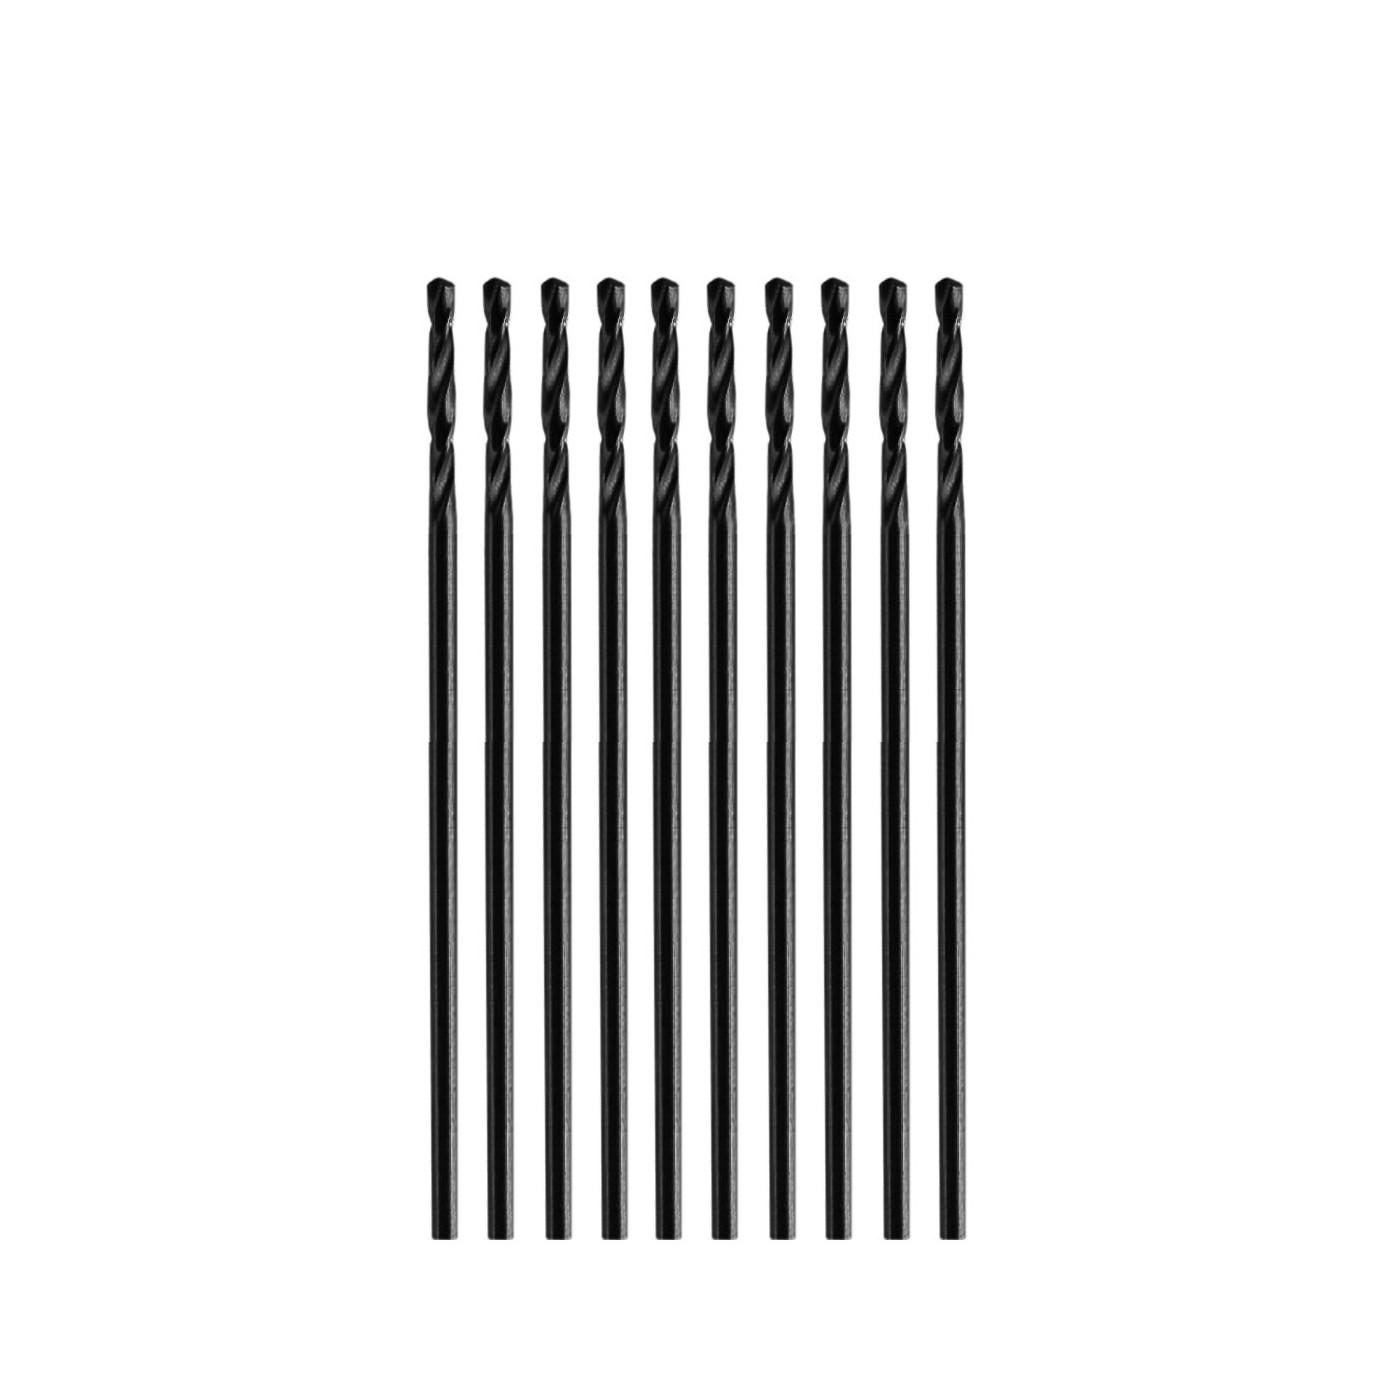 Set van 10 kleine metaalboren (3.0x60 mm, HSS-R)  - 1